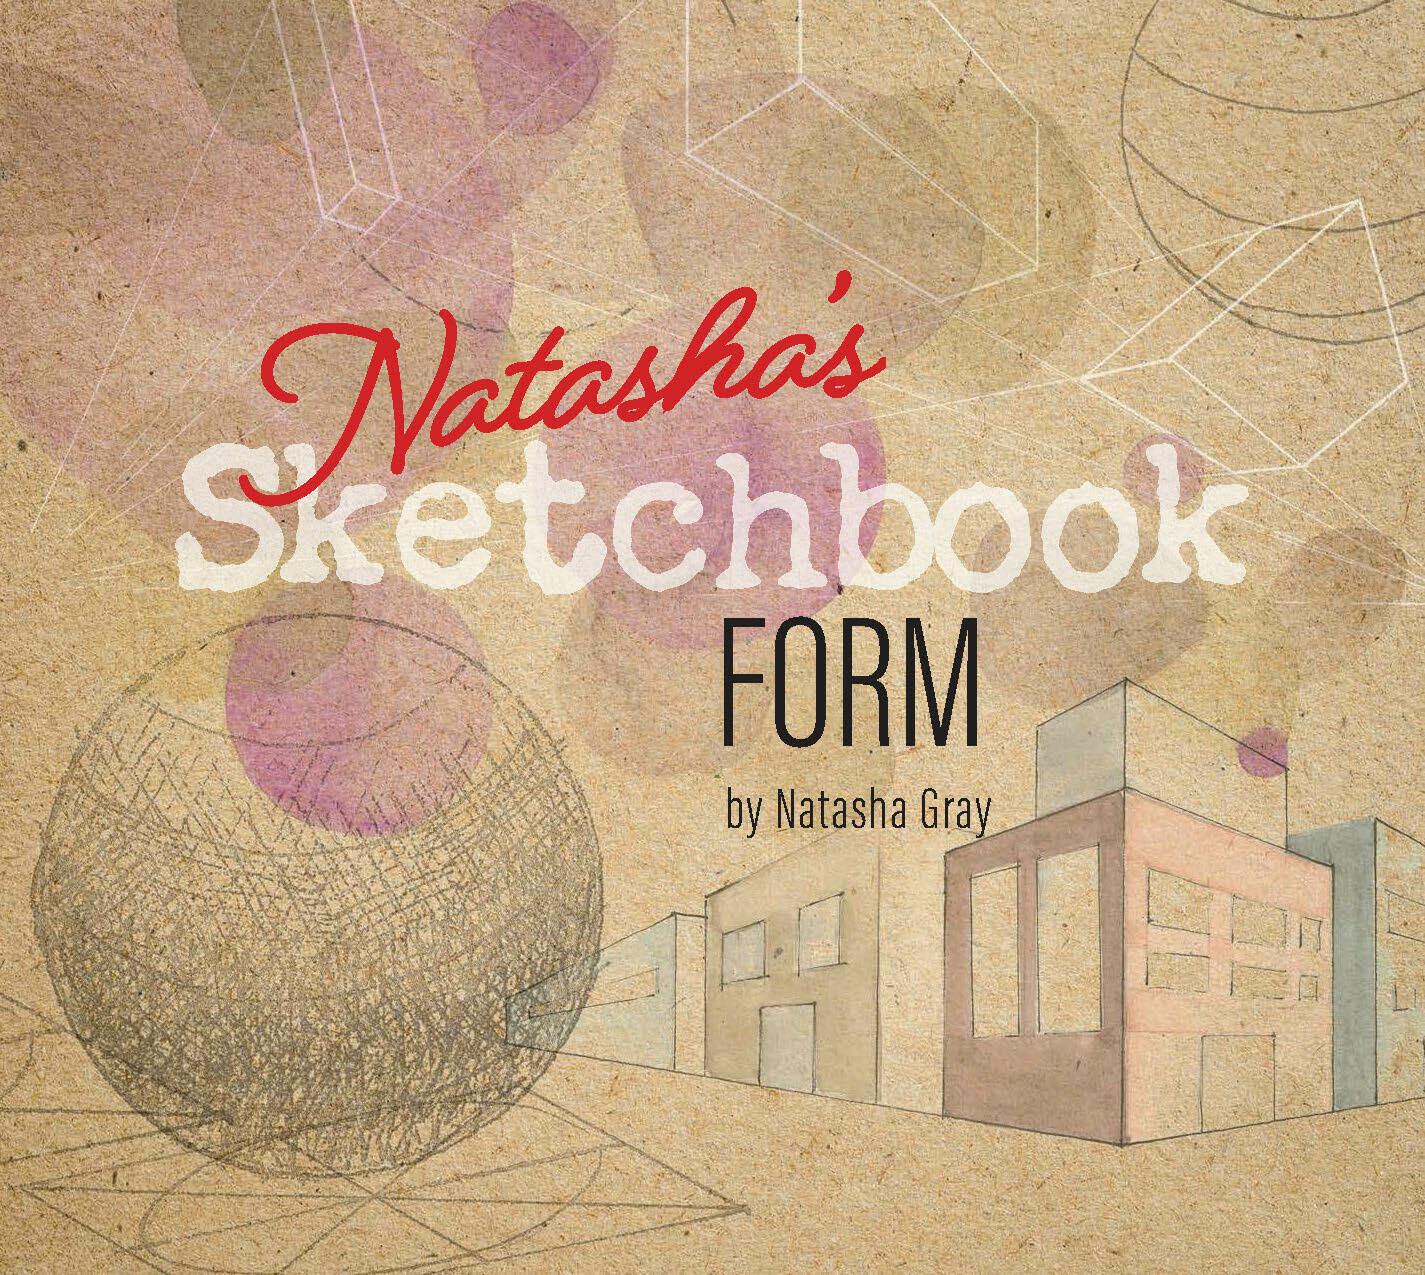 Natasha's Sketchbook - Form